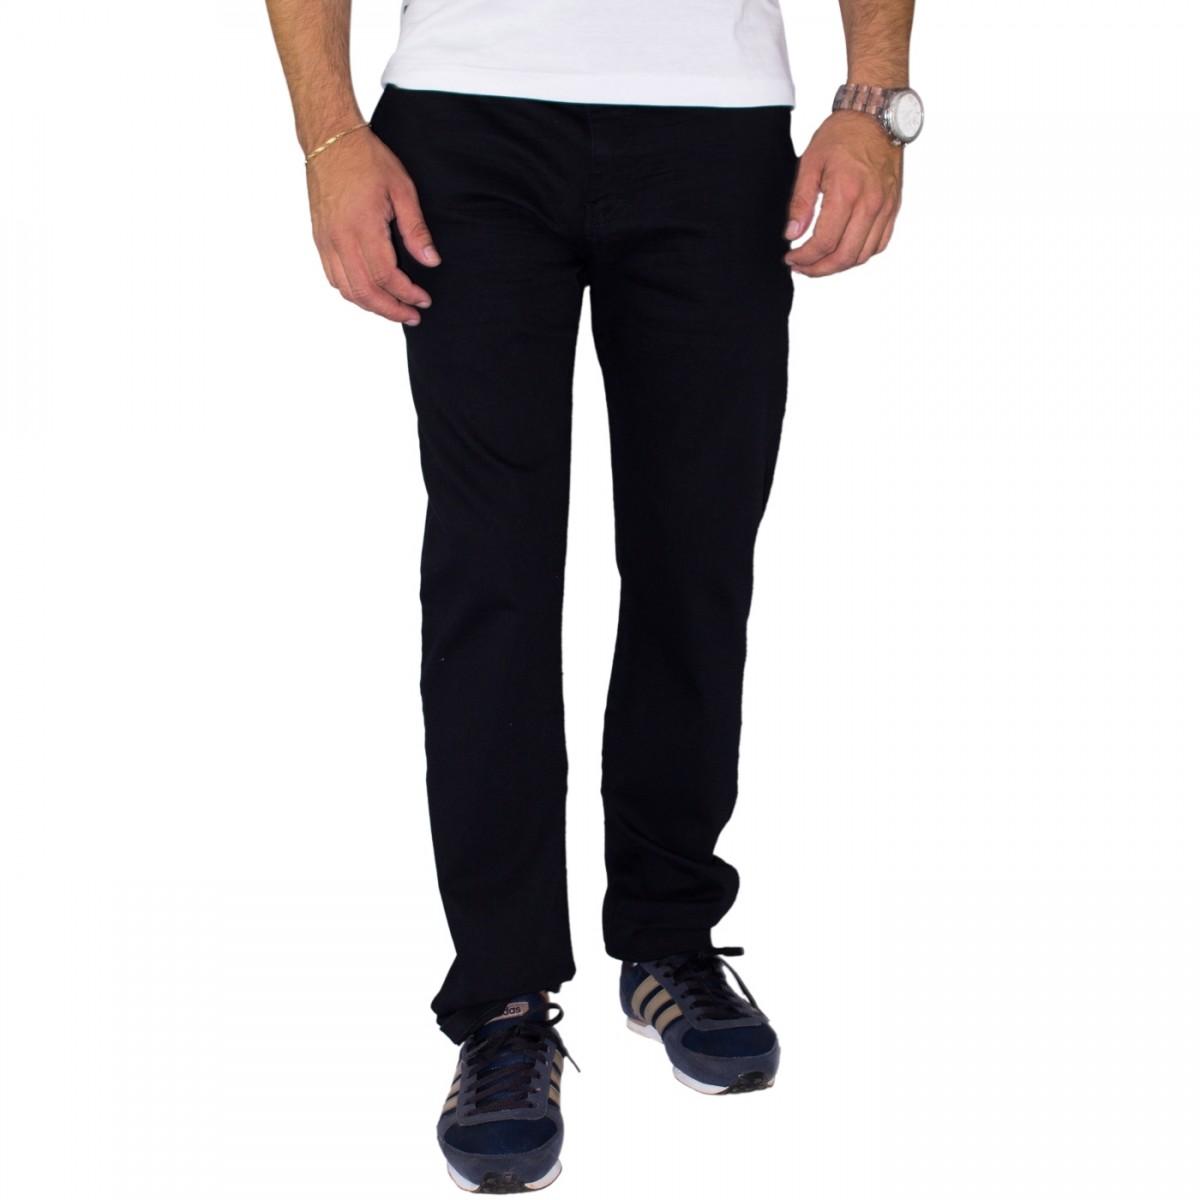 ea9cde081 Bizz Store - Calça Jeans Masculina Ellus Second Floor Preta